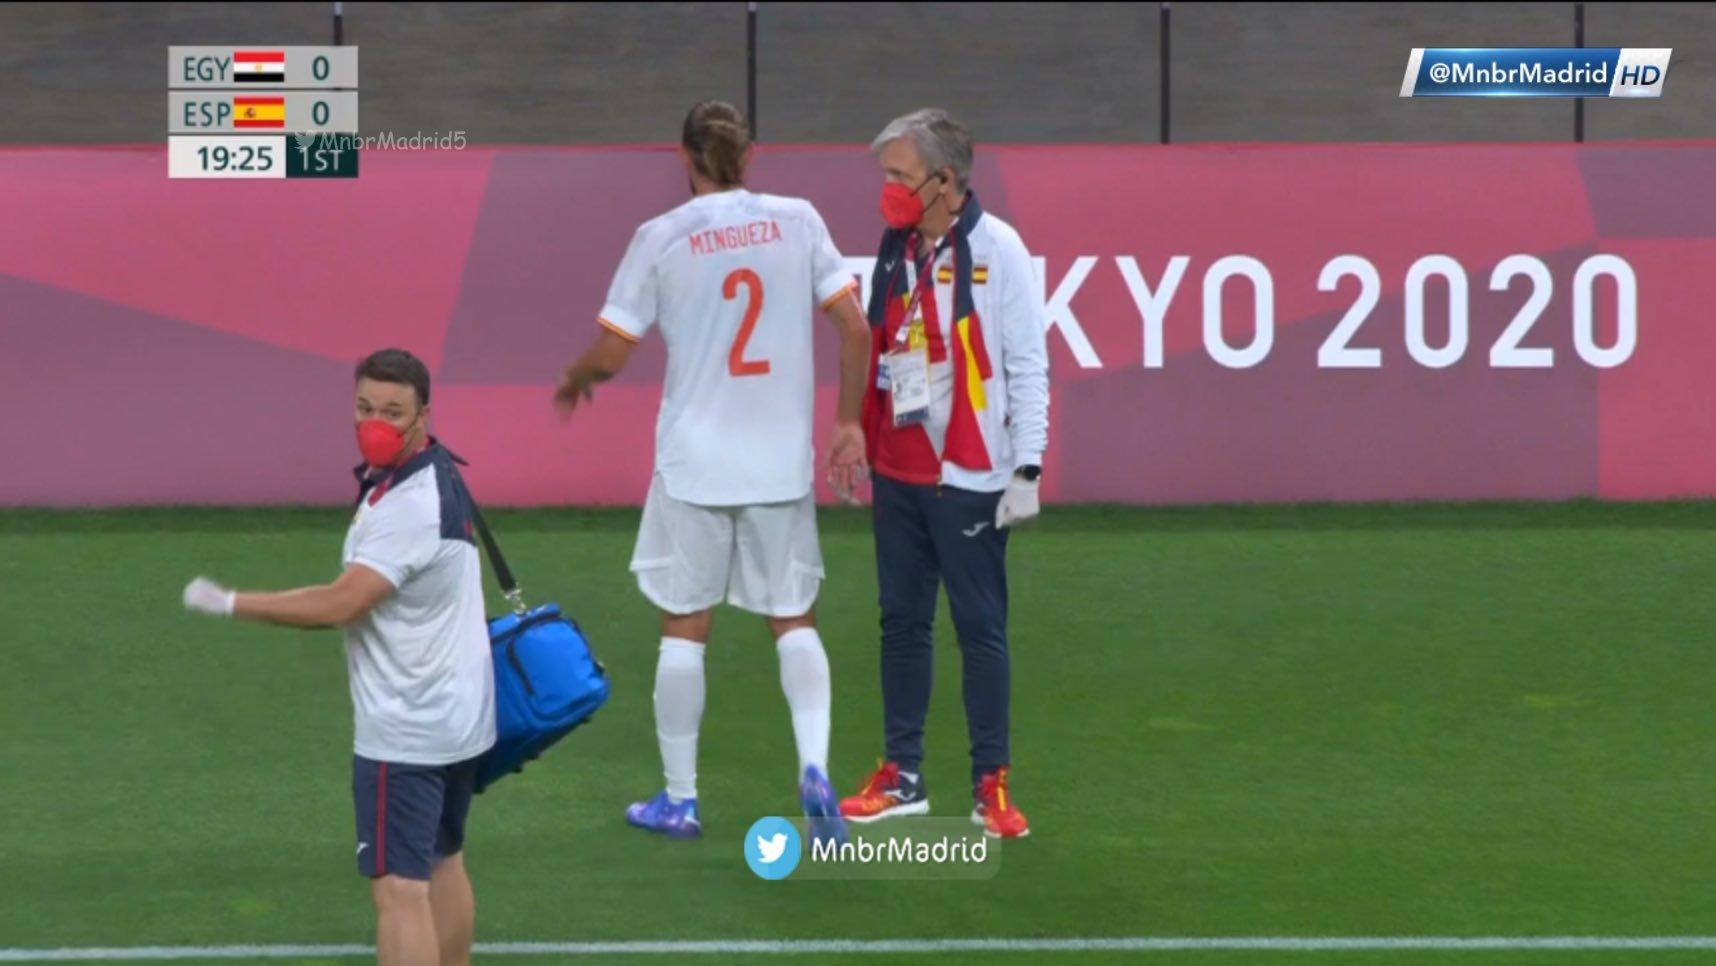 المپیک توکیو بازیکن بارسلونا نیامده مصدوم شد+عکس